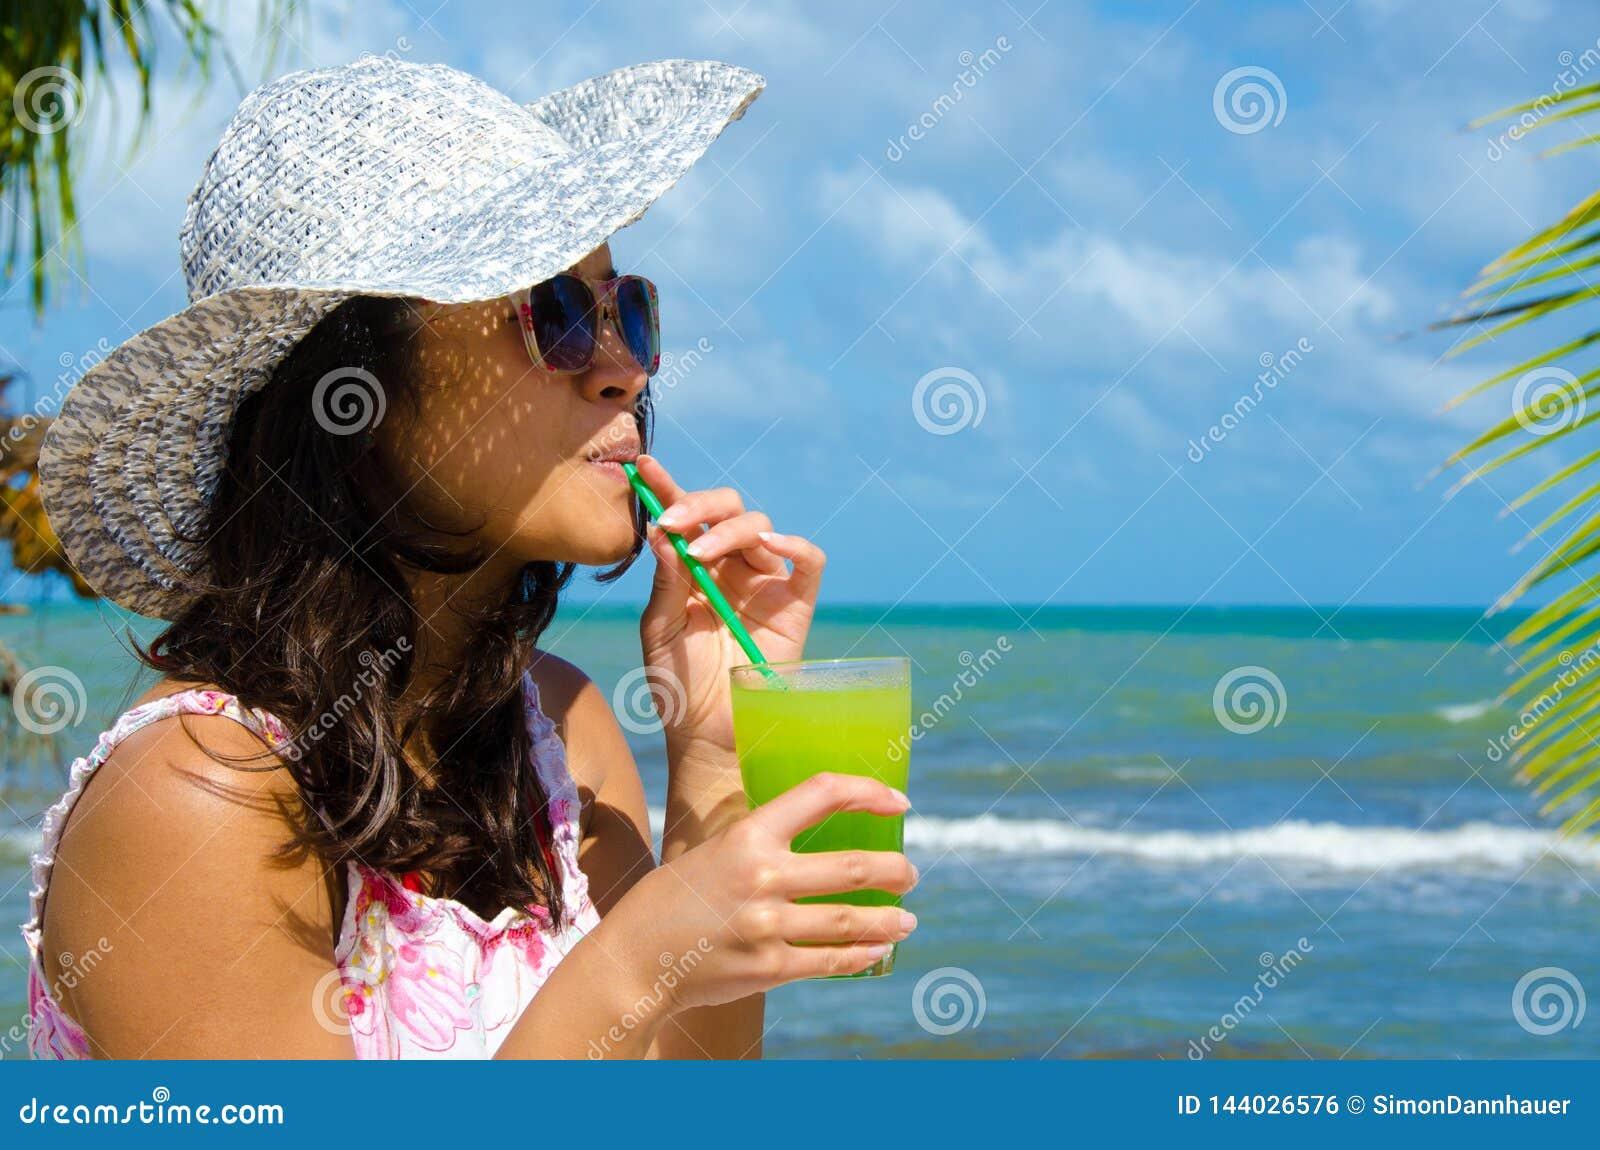 Αναζωογονώντας κοκτέιλ στην παραλία στη Μπελίζ - αναψυχή στον τροπικό προορισμό για τις διακοπές - ακτή παραδείσου